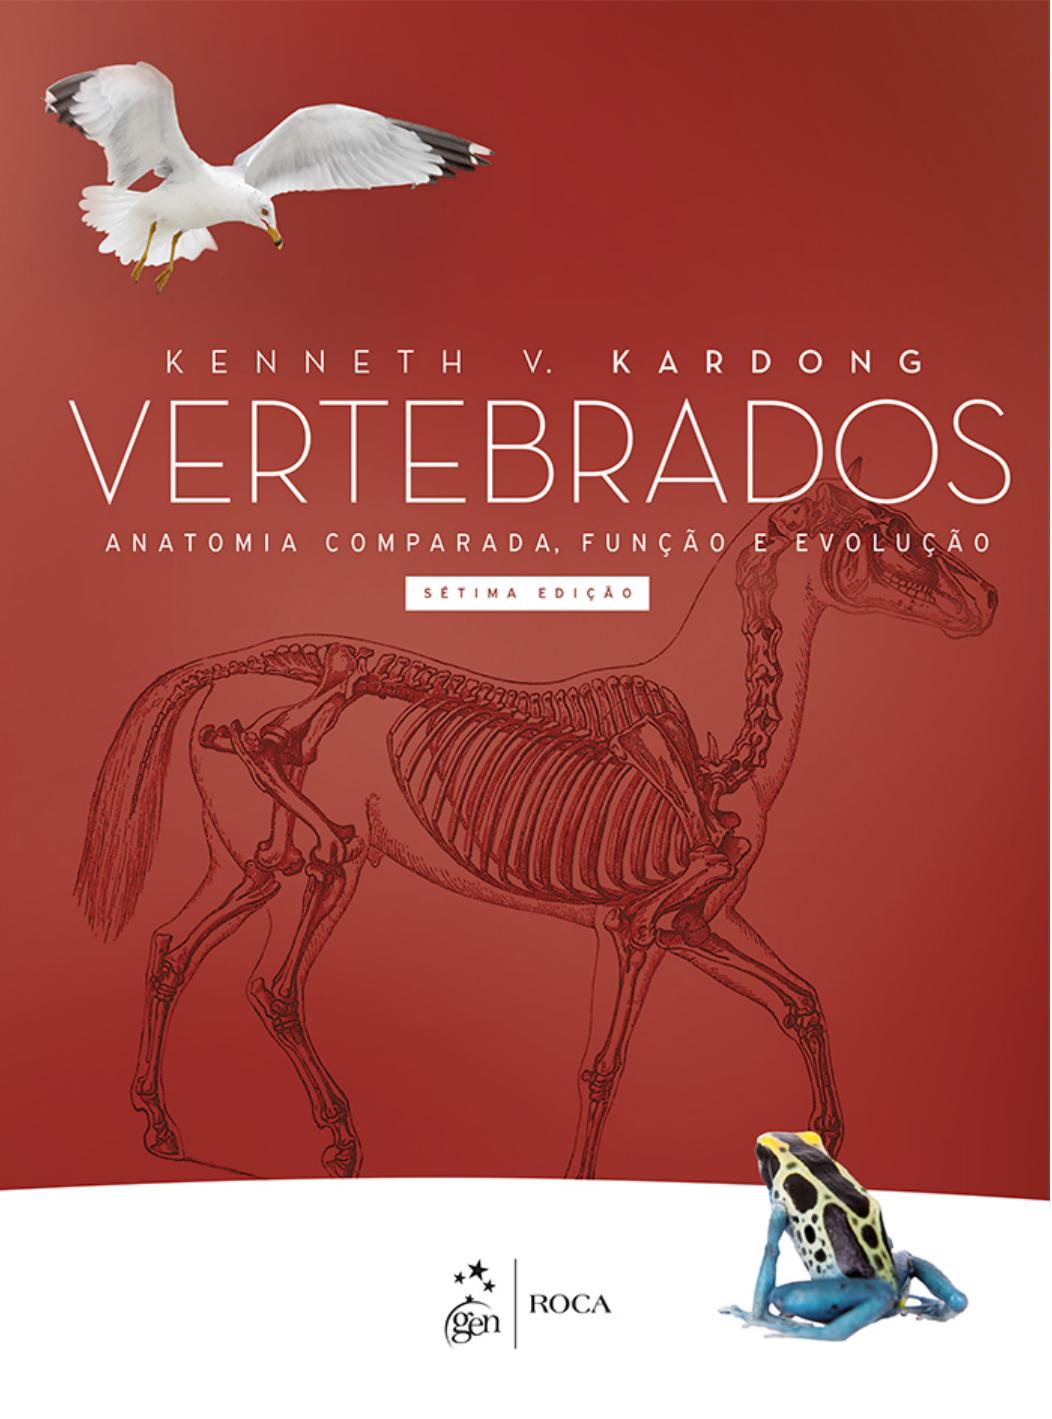 Vertebrados Anatomia Comparada, Função e Evolução 7Ed(1) - Fis